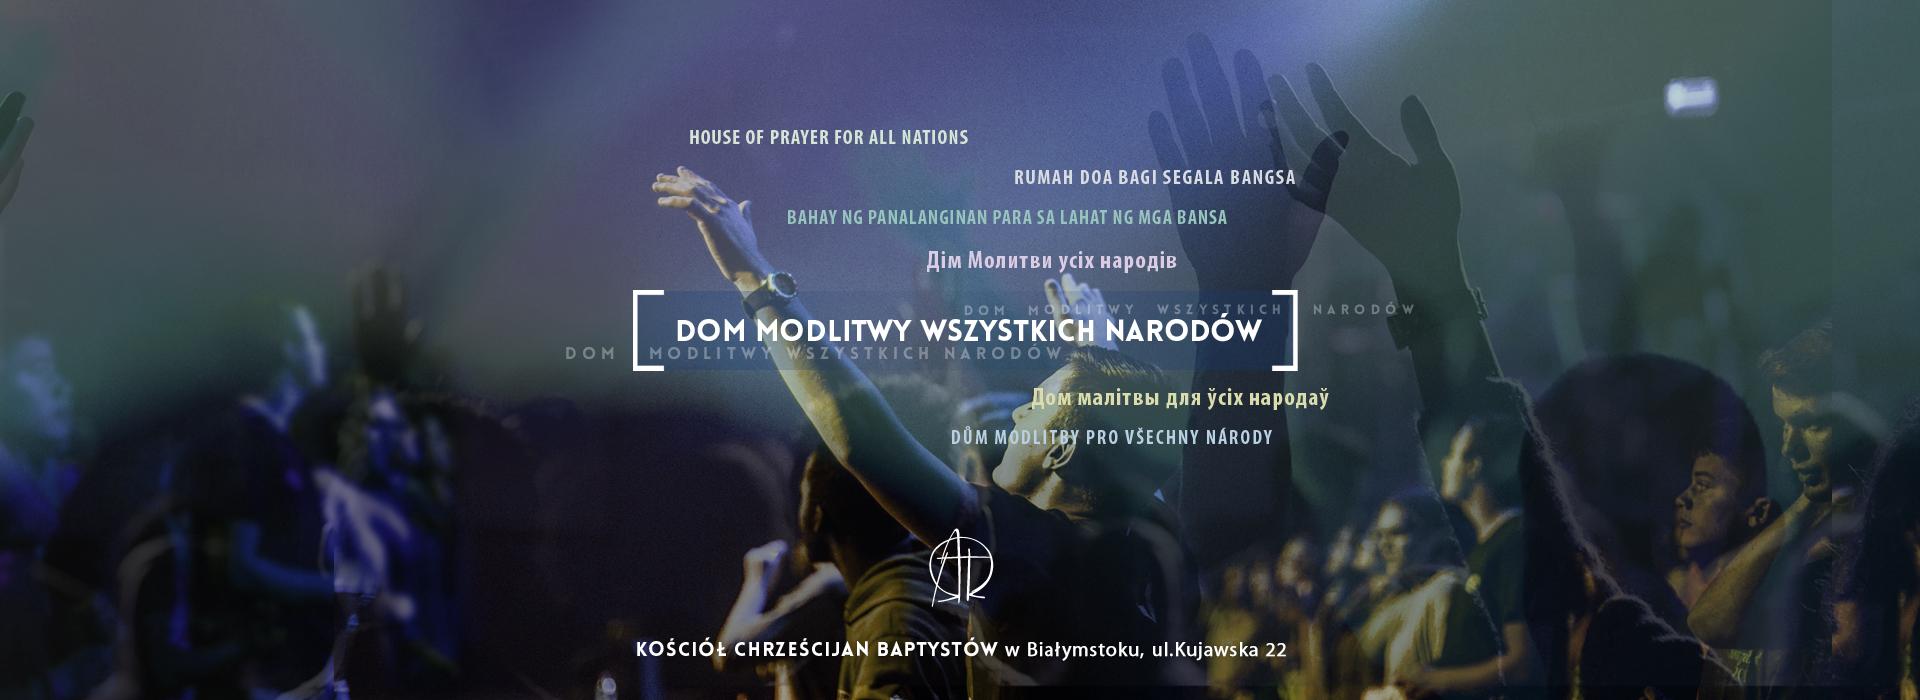 DOM_MODLITWY_new